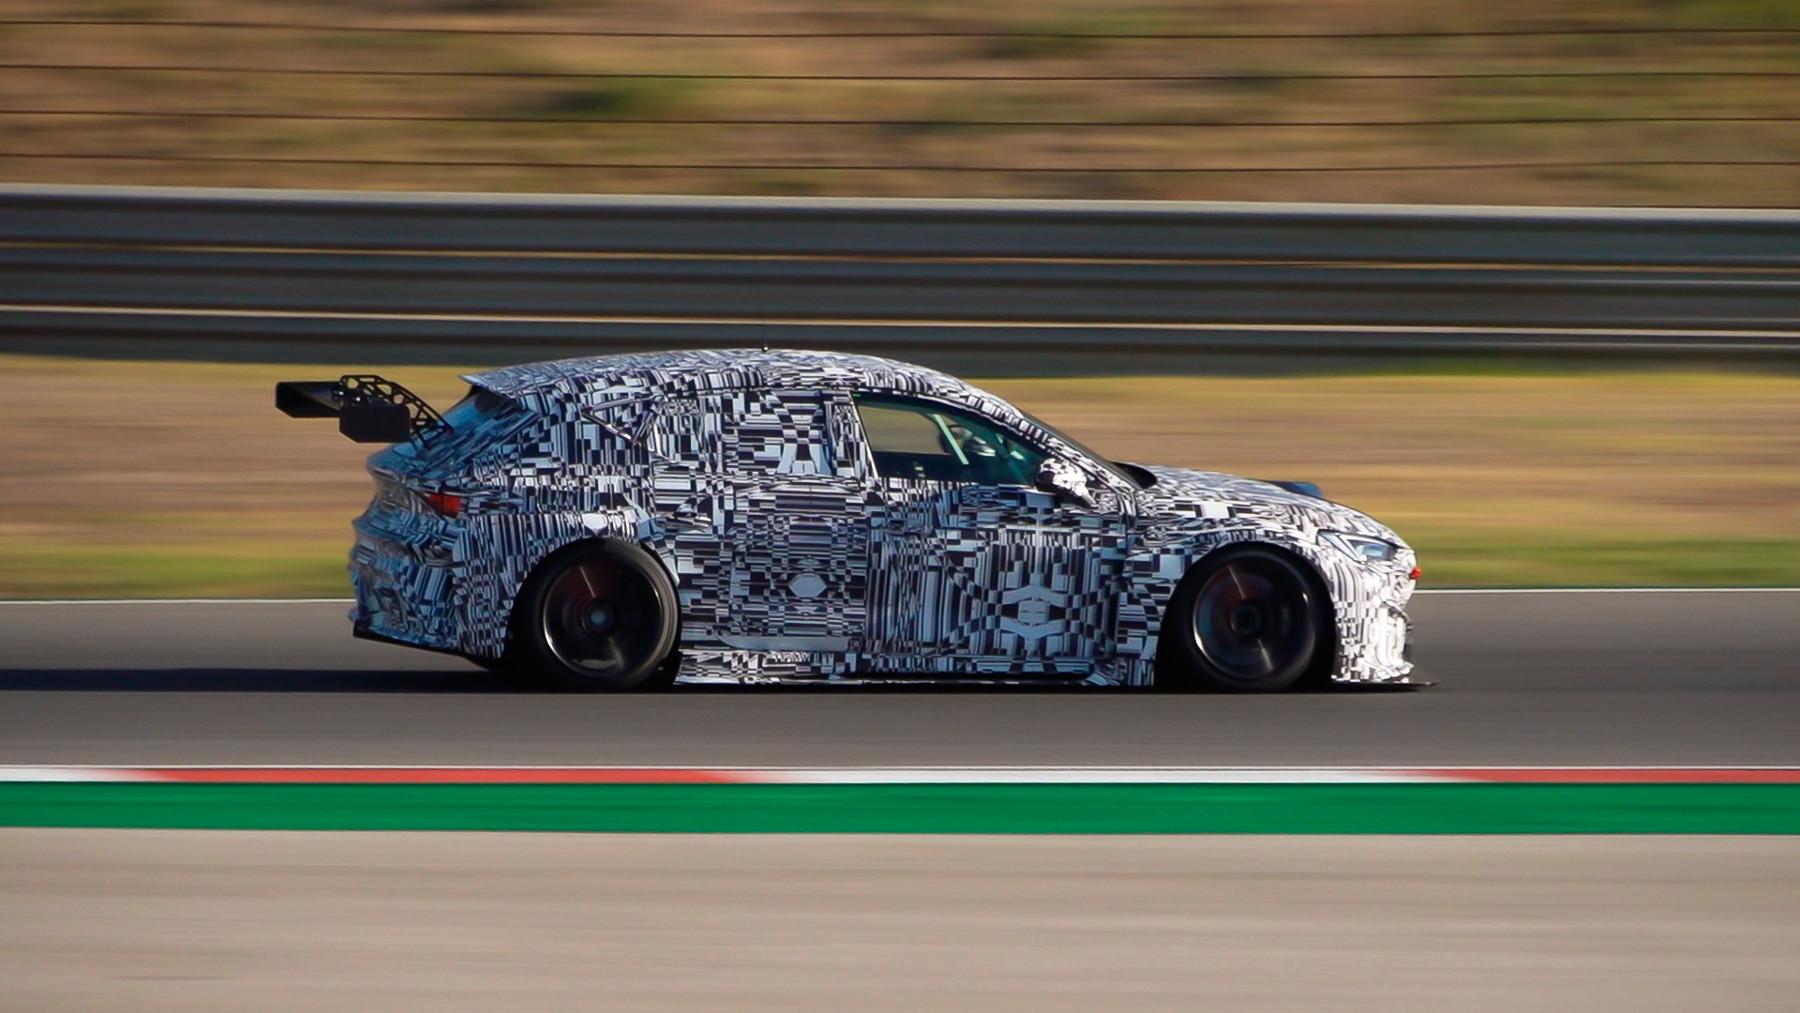 León Competición, el auto de carreras creado con impresoras 3D